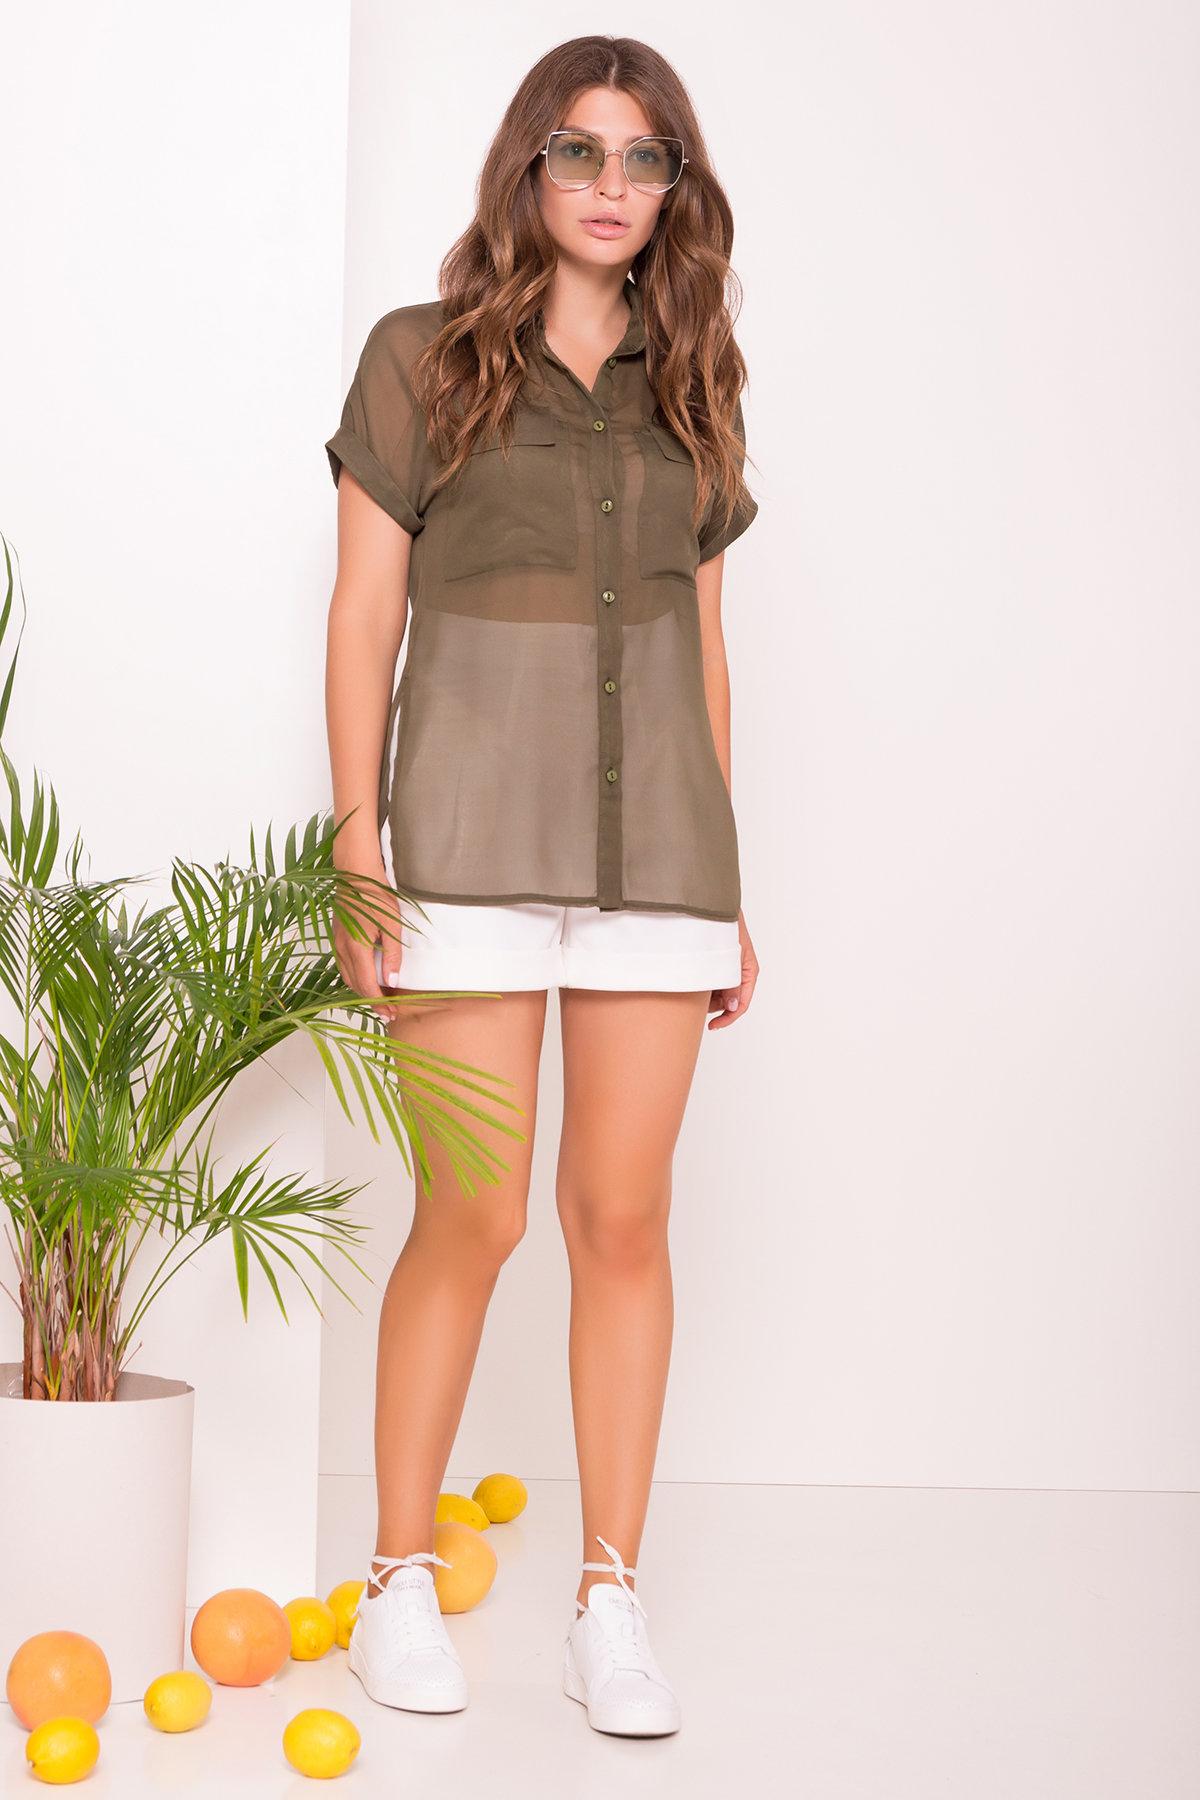 Шифоновая Рубашка Айра 7456 Цвет: Хаки